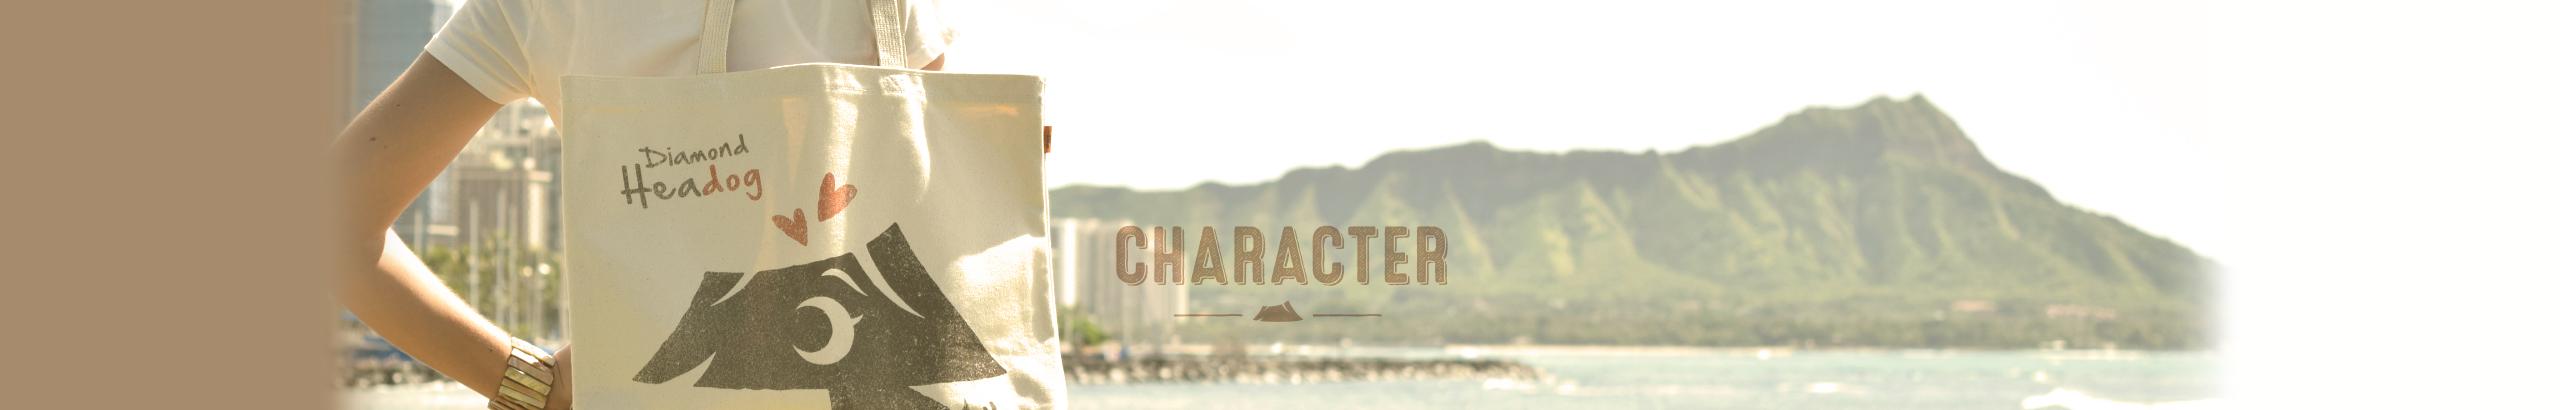 ハワイ生まれのかわいいキャラクター紹介